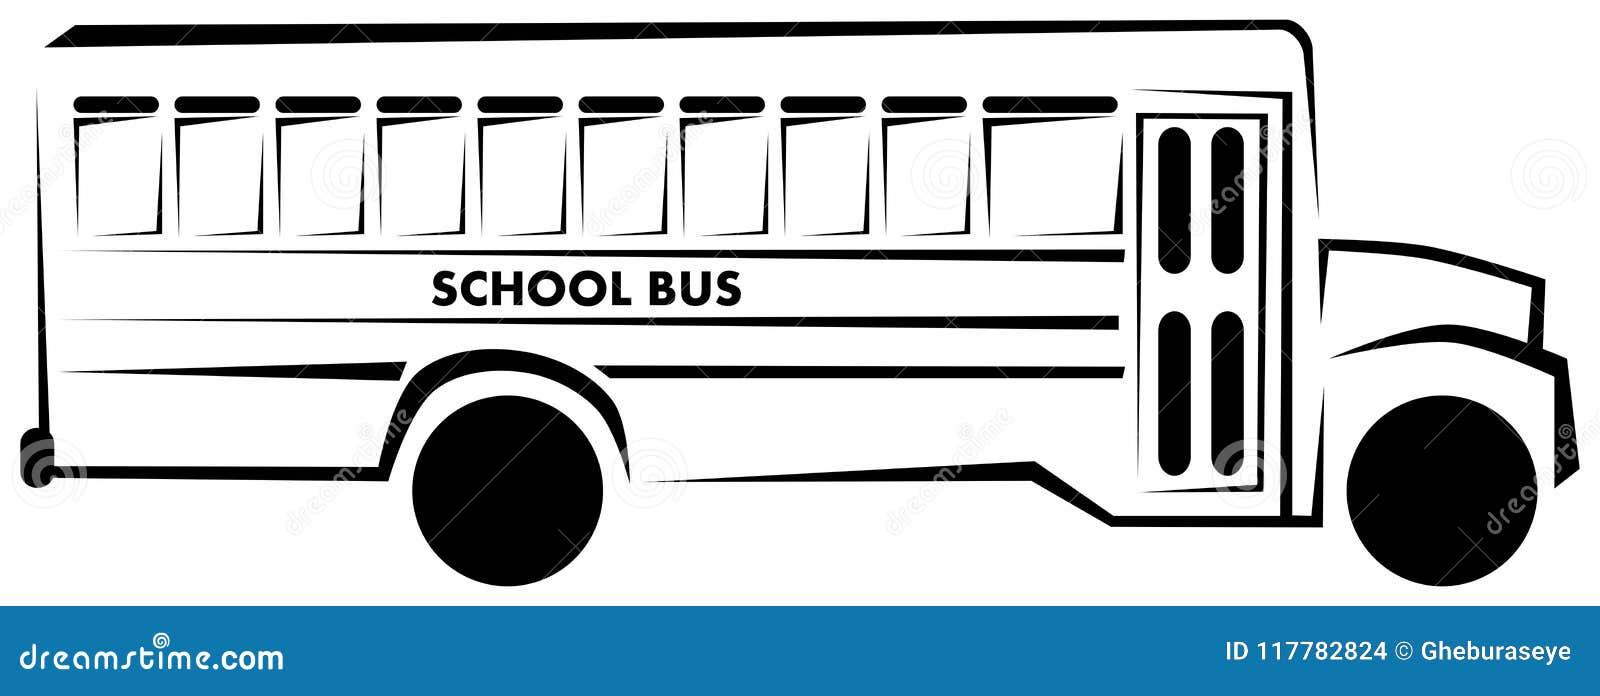 Isolerad stiliserad skolbuss i svartvitt